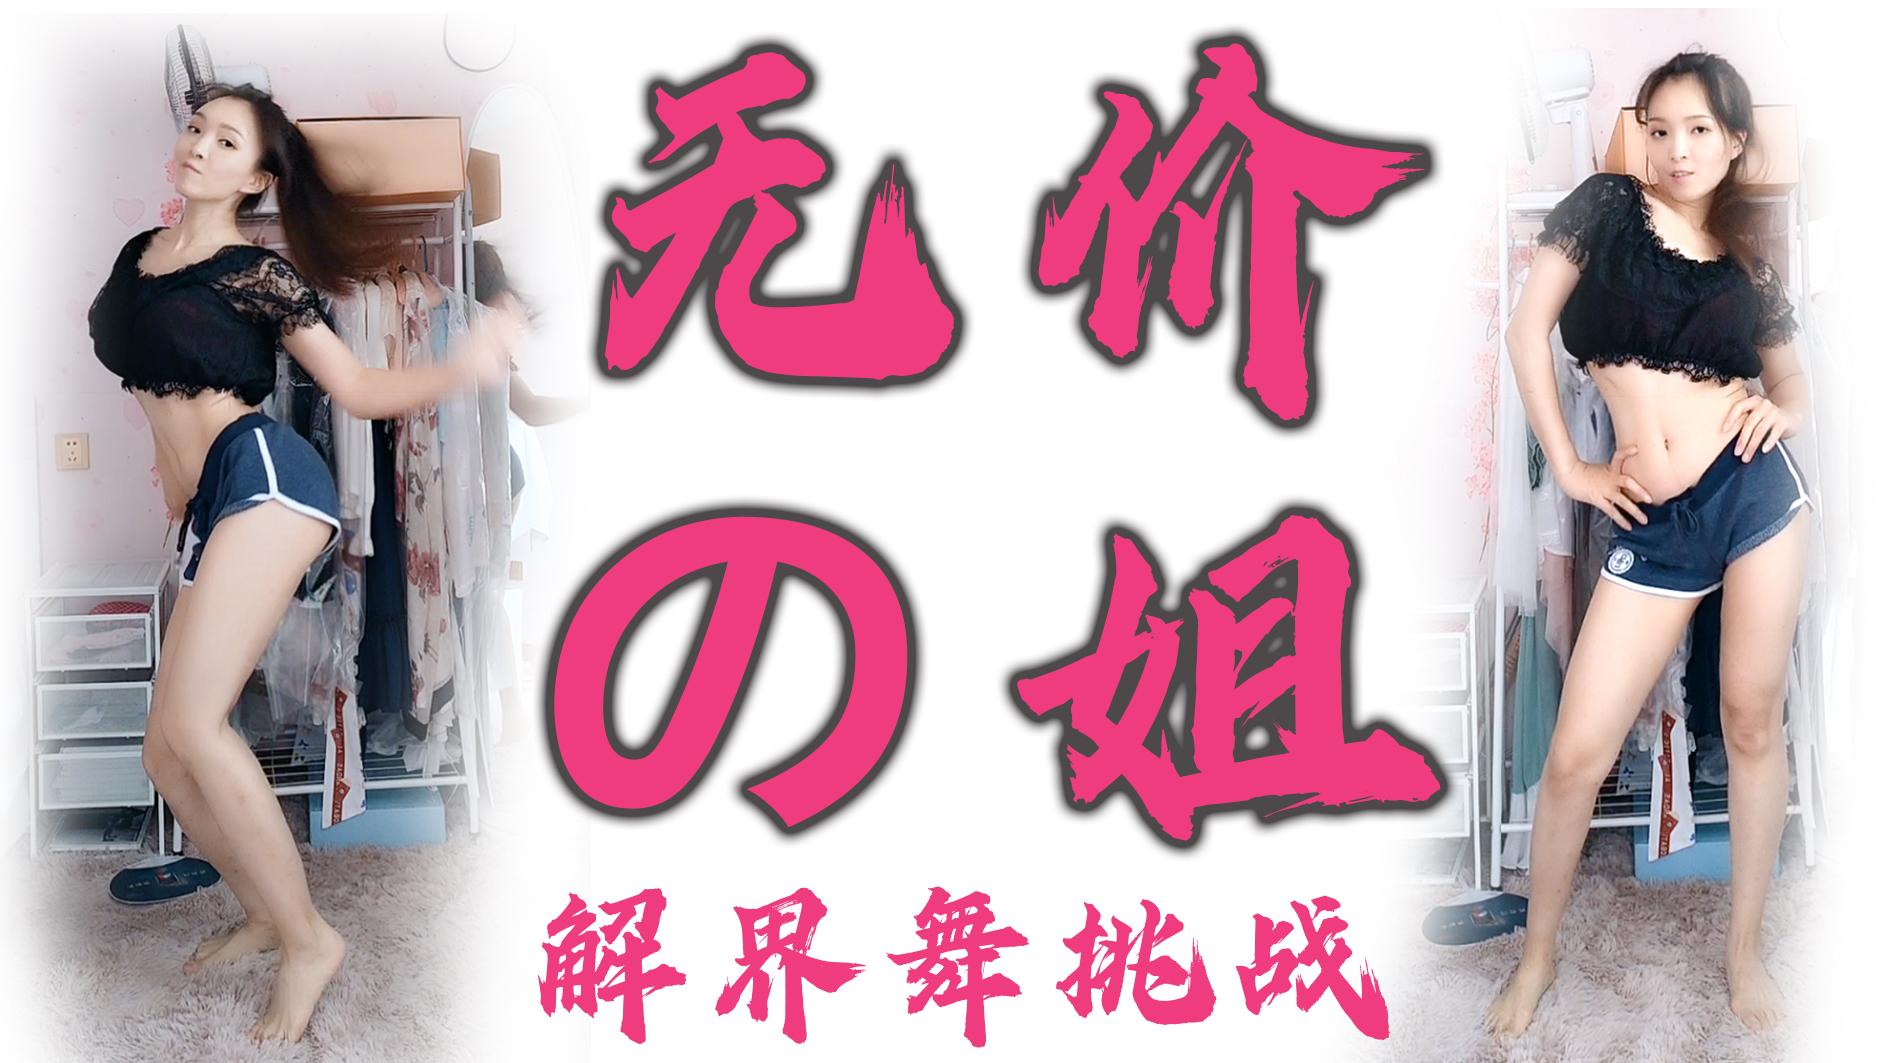 土嗨土嗨的姐姐舞挑战《乘风破浪的姐姐》主题曲《无价之姐》